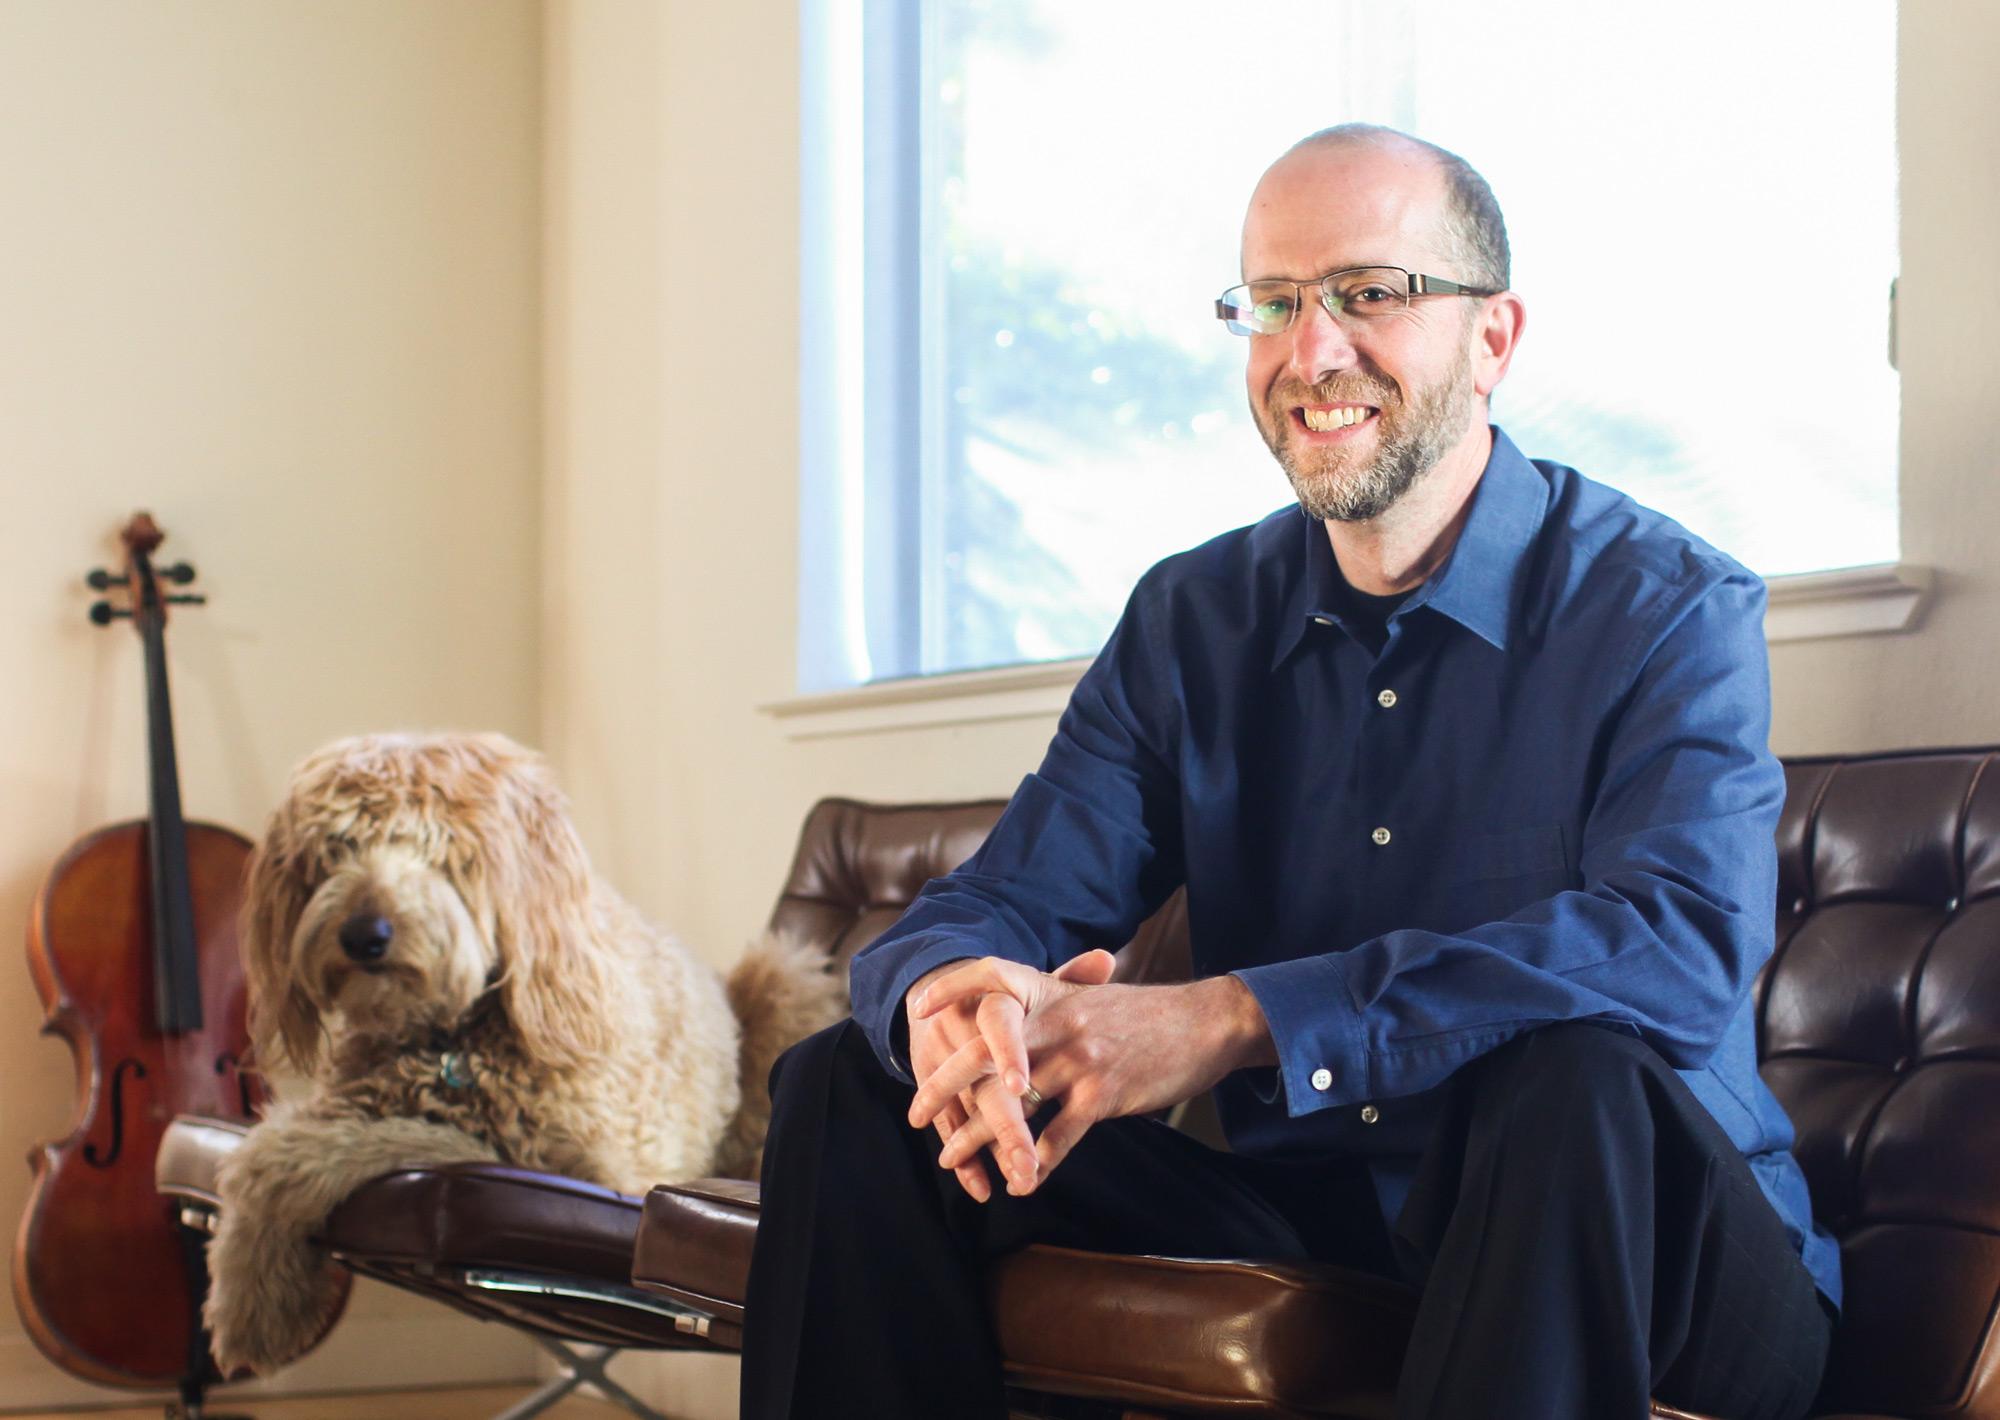 Portrait of Matt Eisenberg